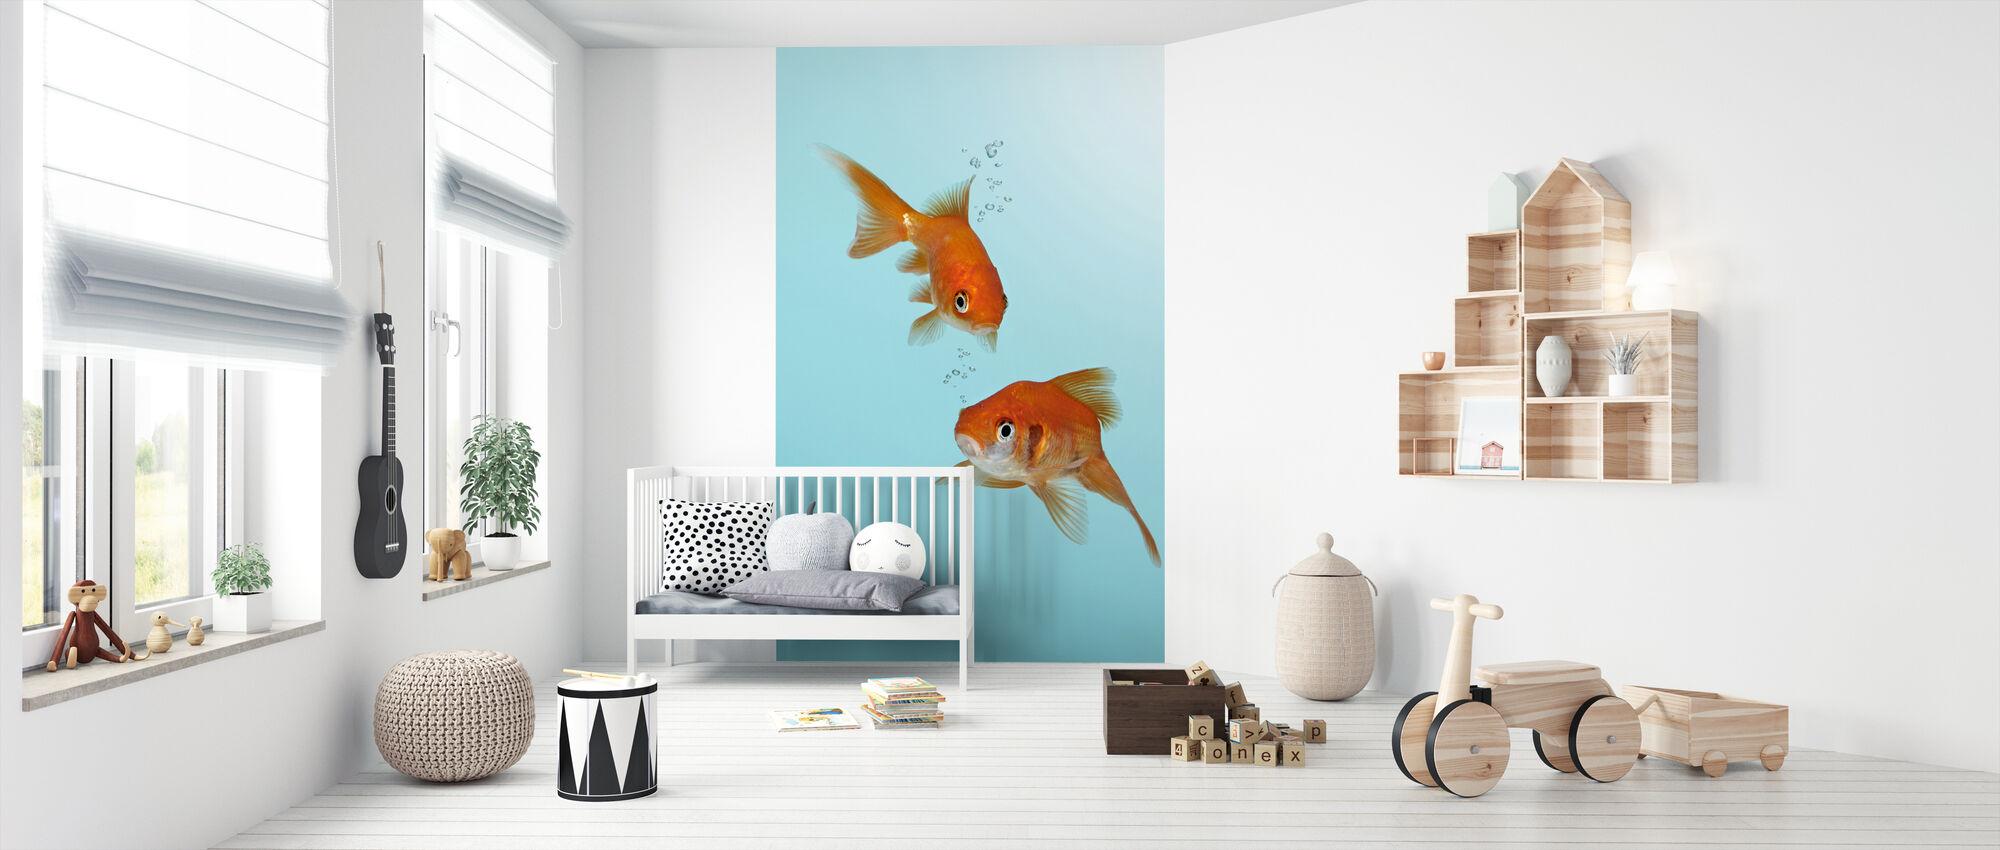 Pari Kultakalaa - Tapetti - Vauvan huone